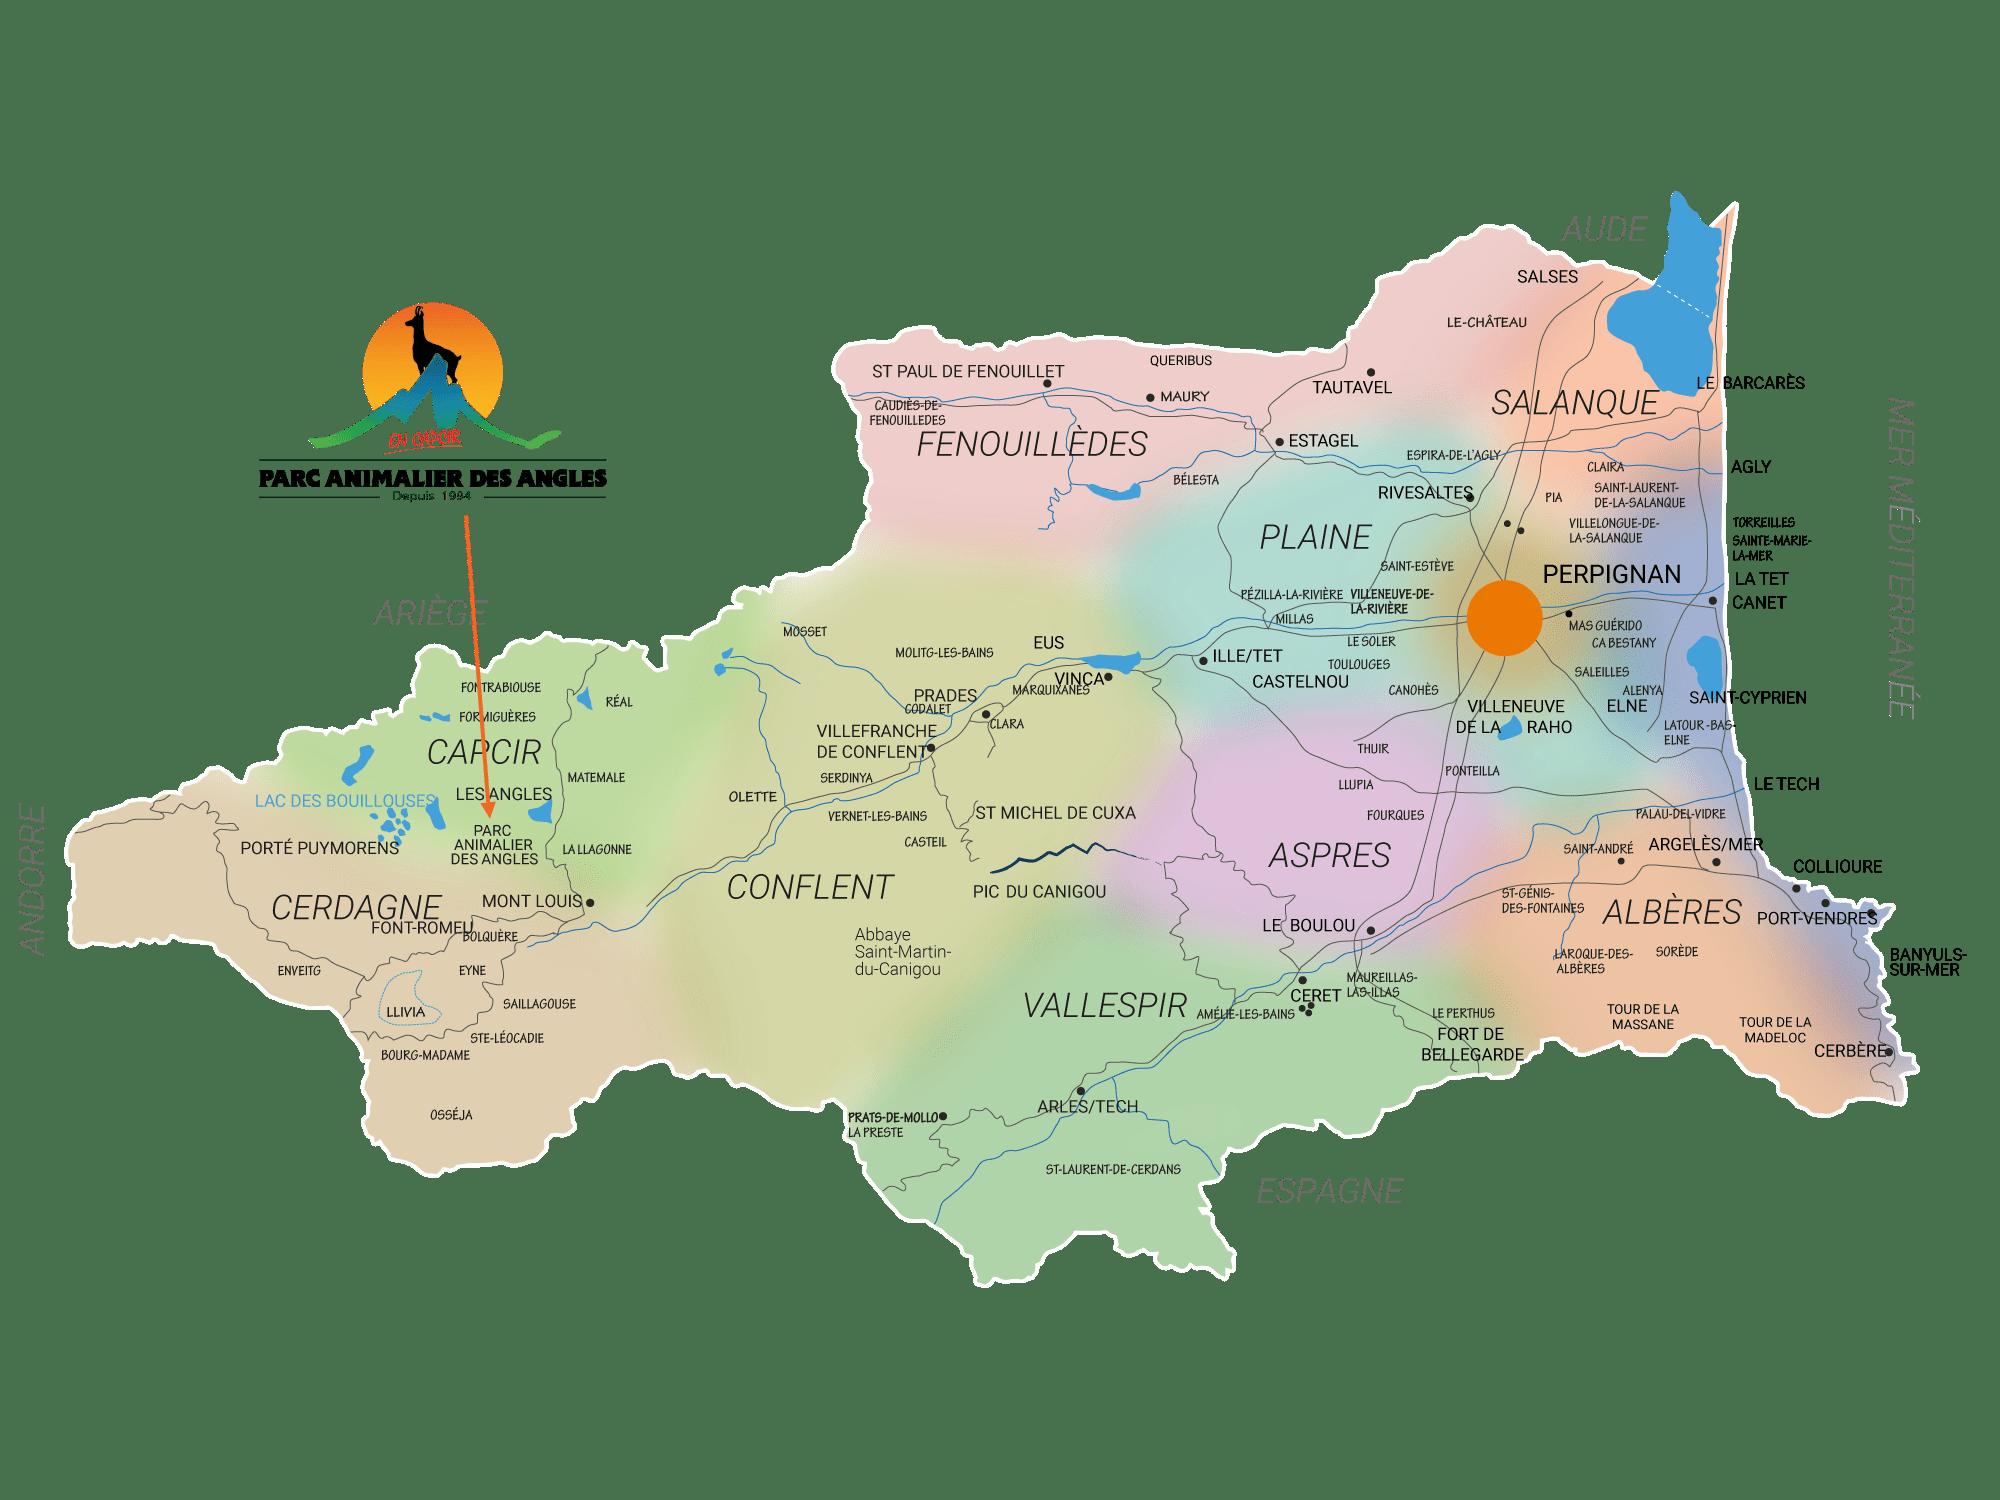 carte pyrénées orientales tourisme balade detente